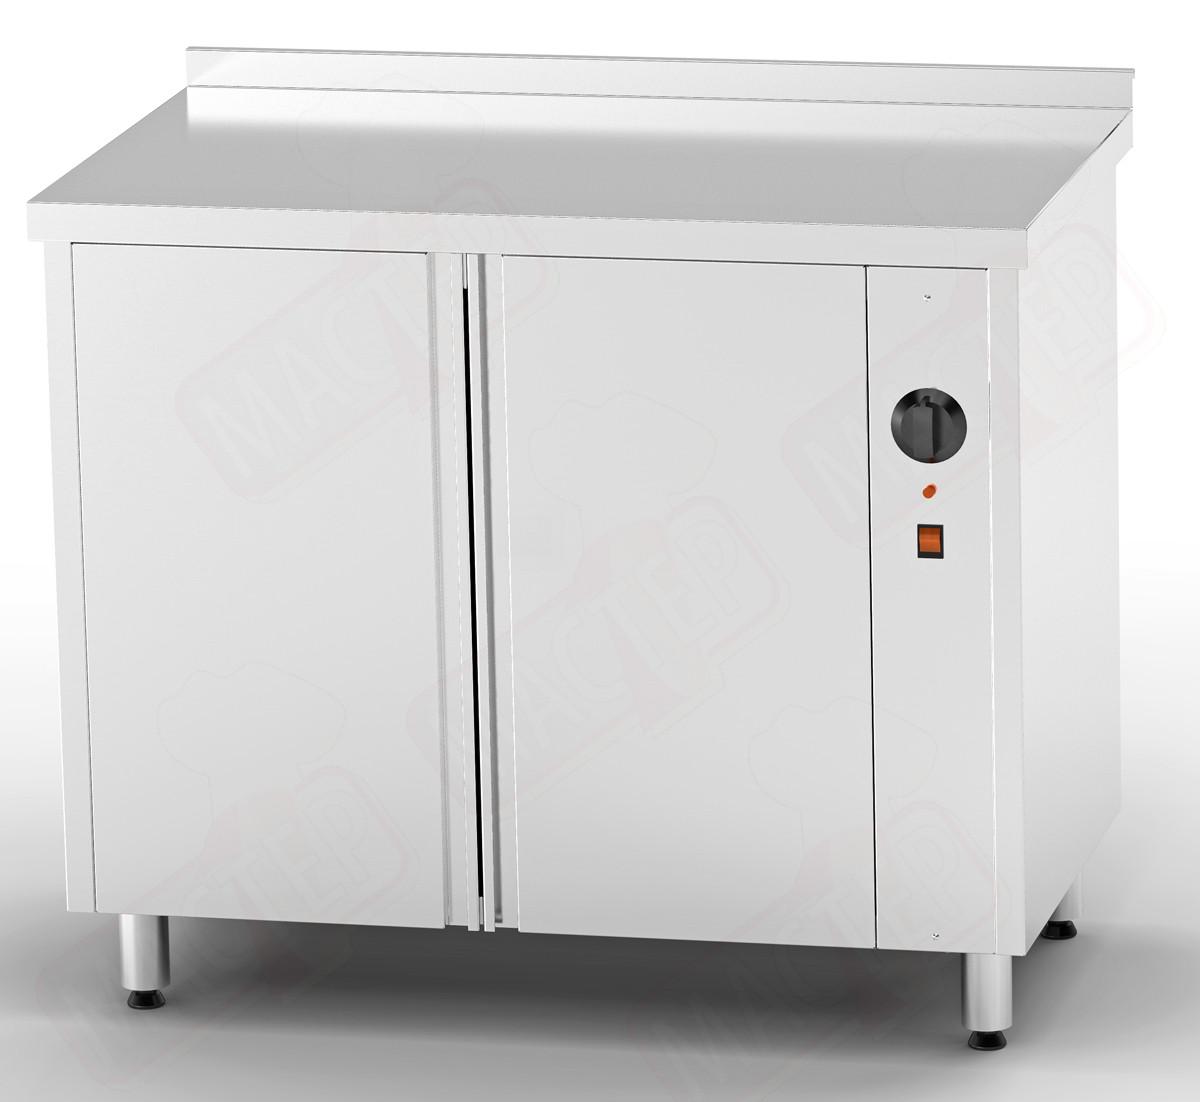 Стіл теплової 1300*700*850 для підігріву тарілок двері розпашні (без полиці)